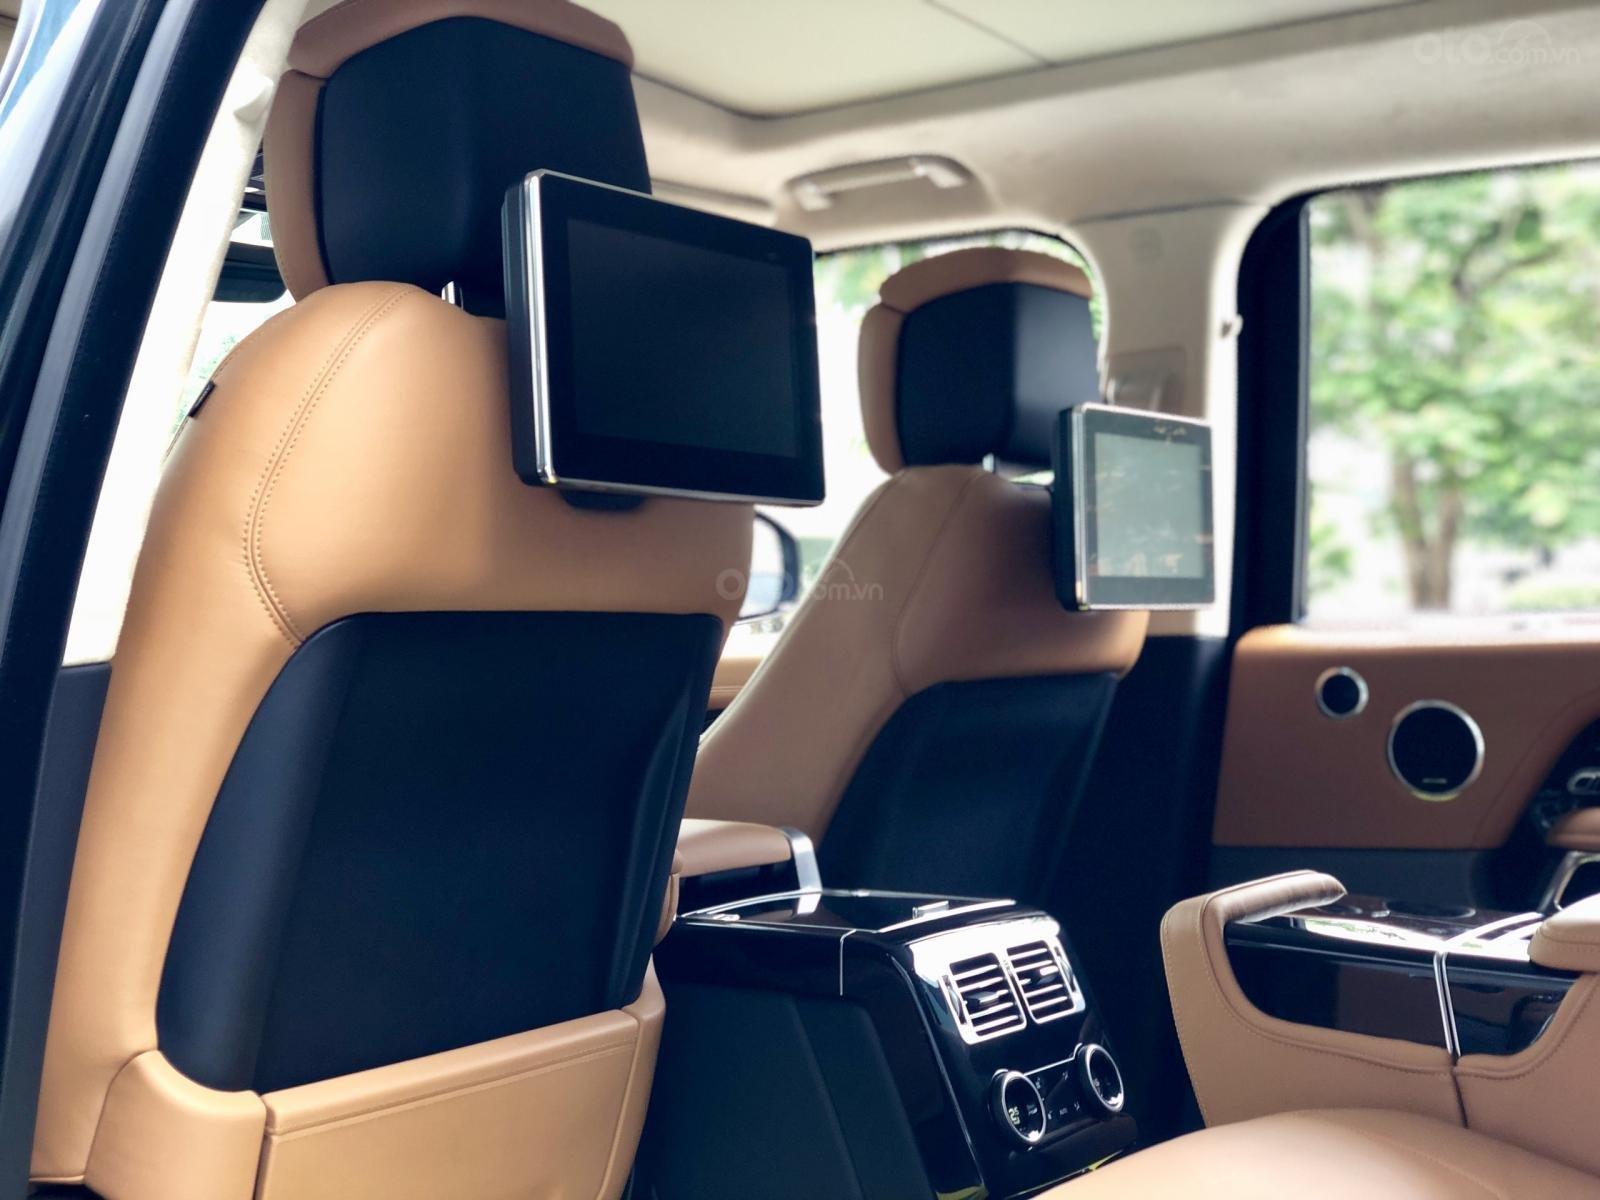 Bán Range Rover Autobiography LWB đời 2019 siêu lướt, hotline 094.539.2468 (10)